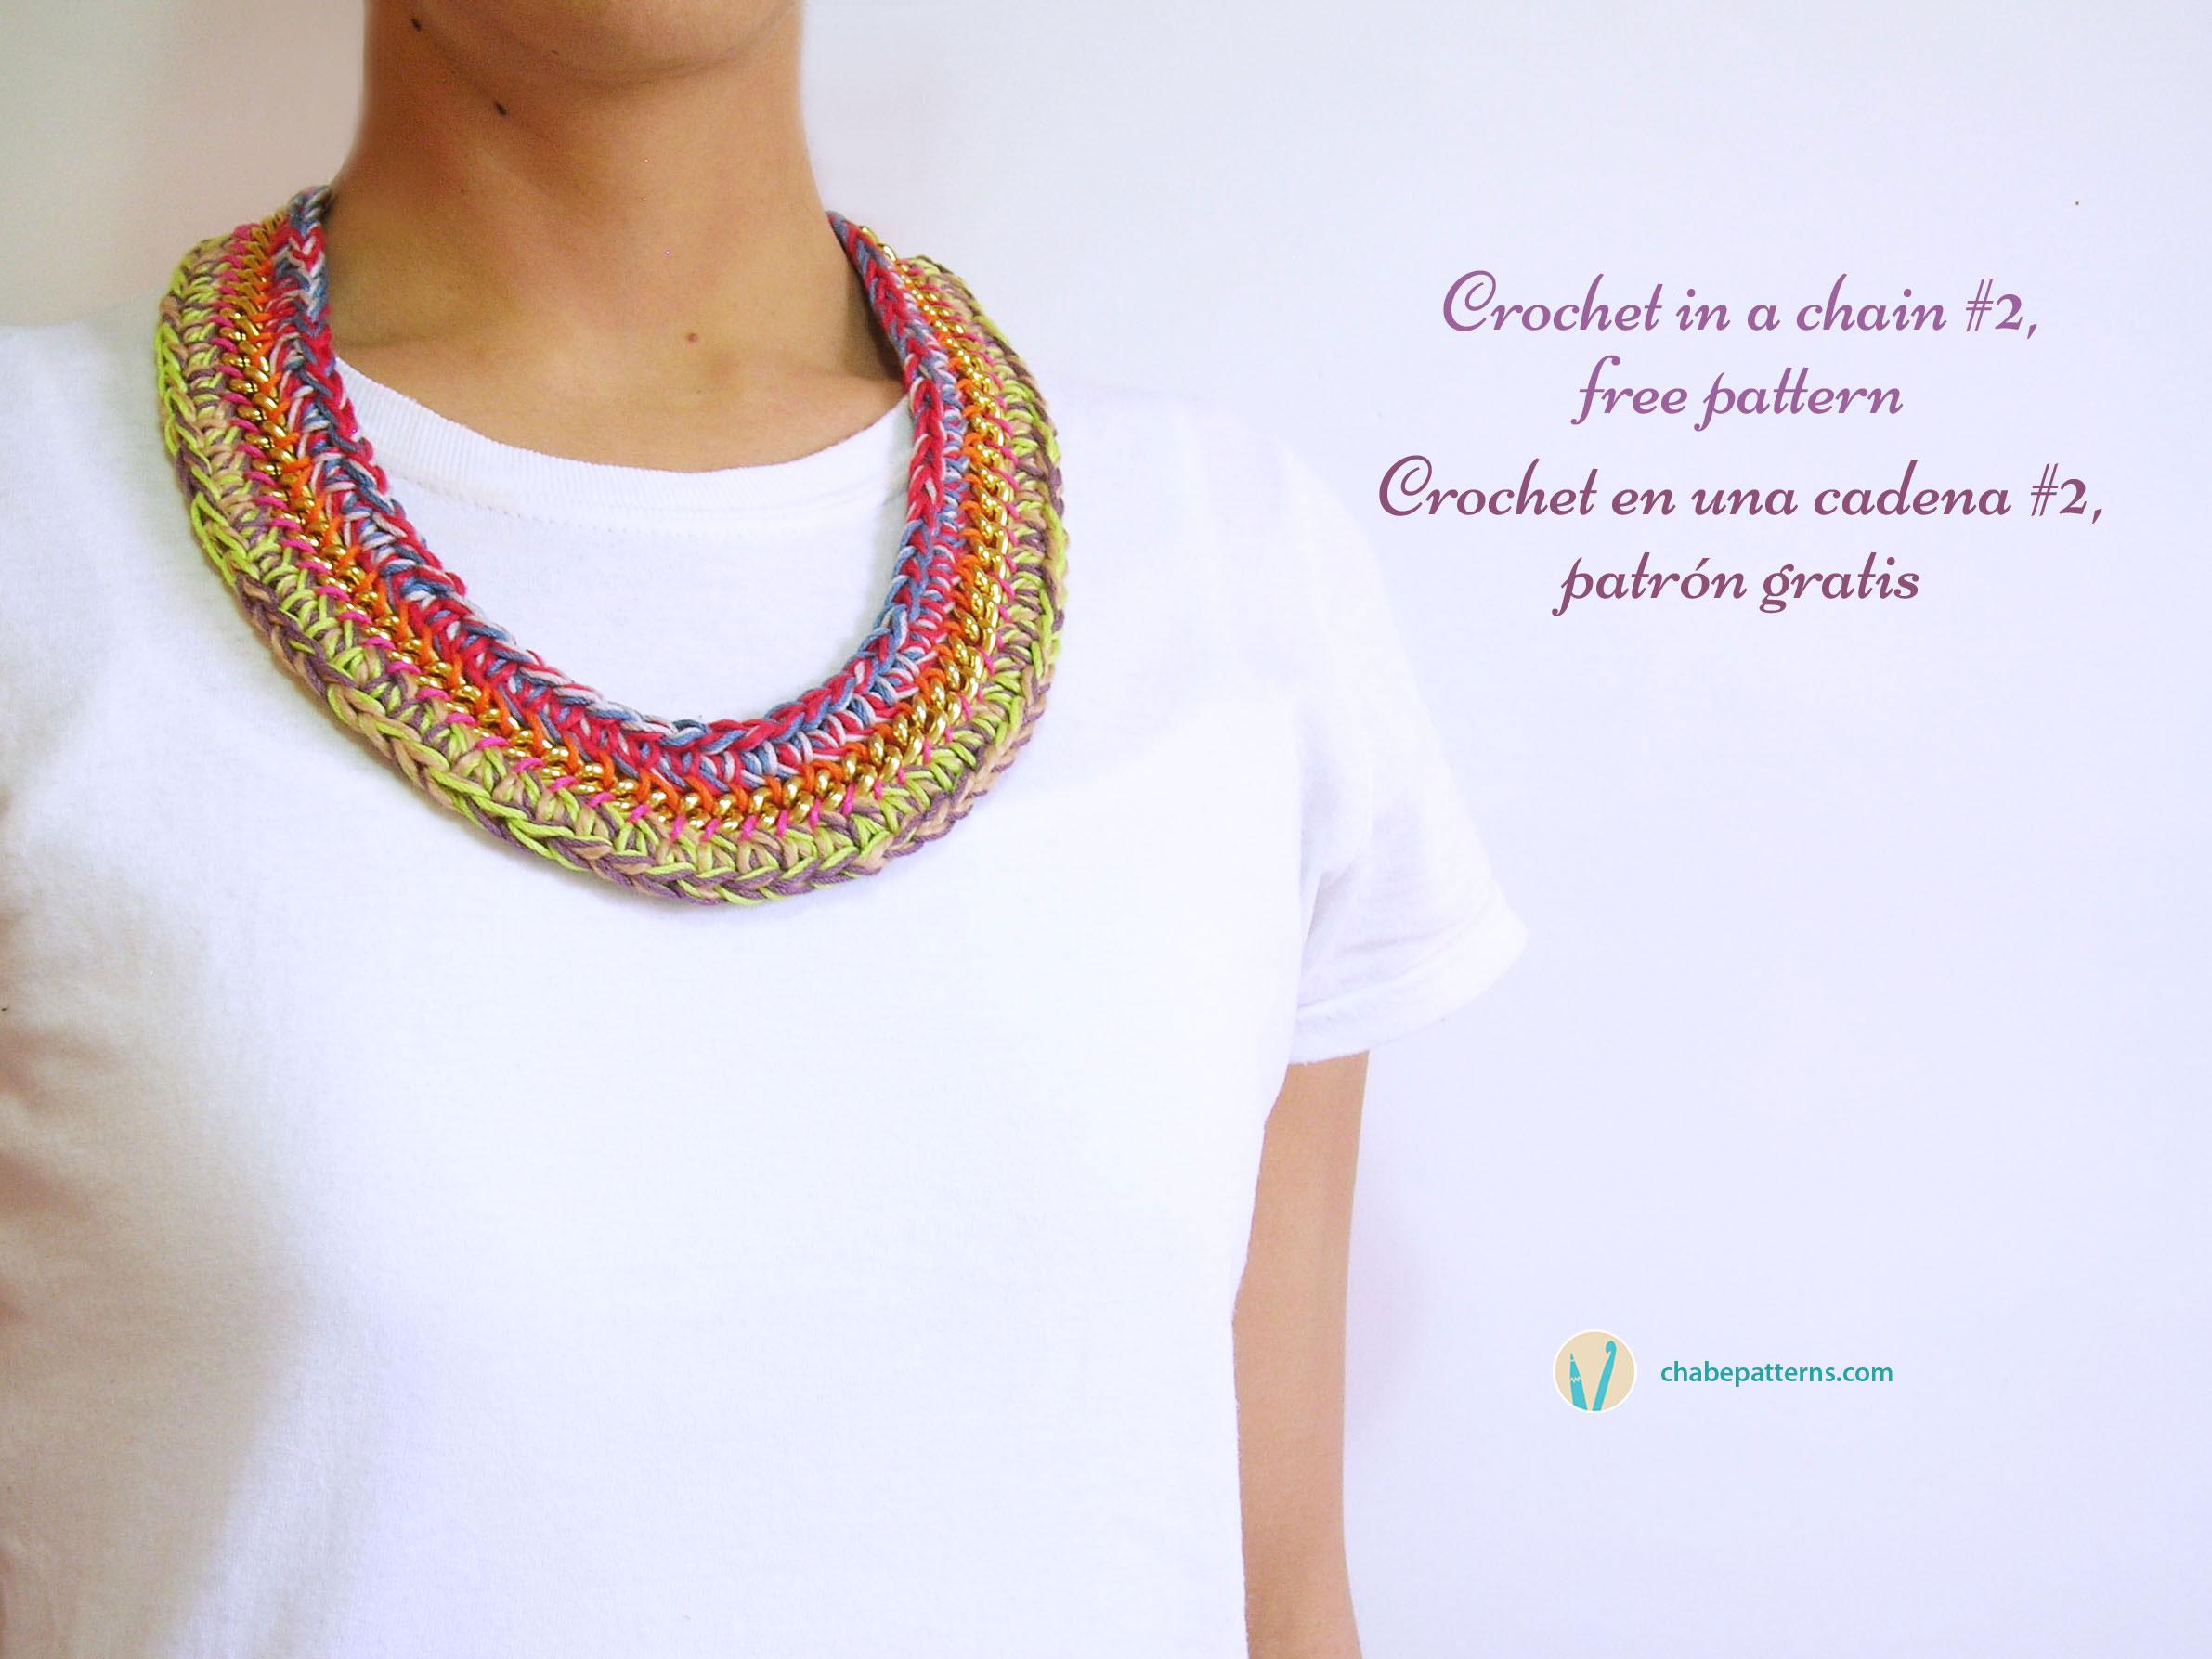 Crochet in a chain #2